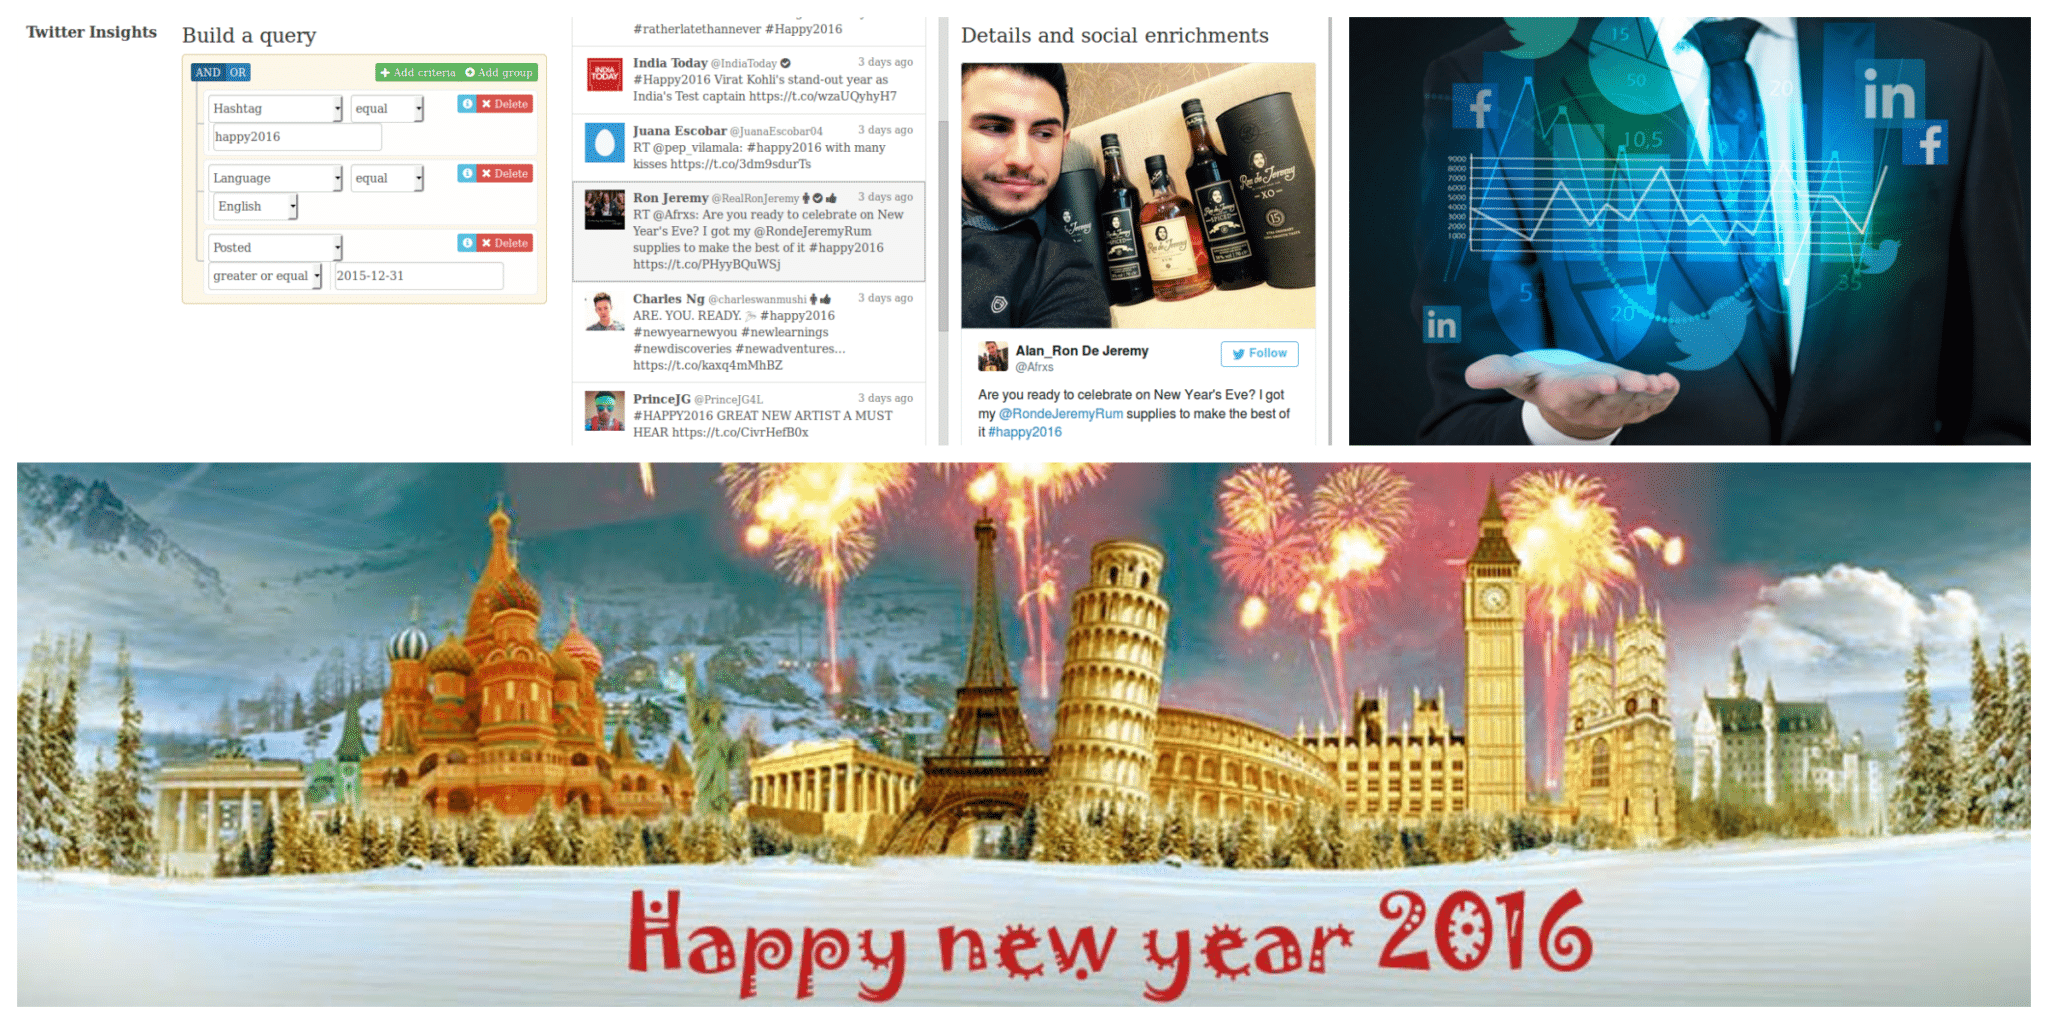 Happy 2016 Using Watson Analytics and Twitter data